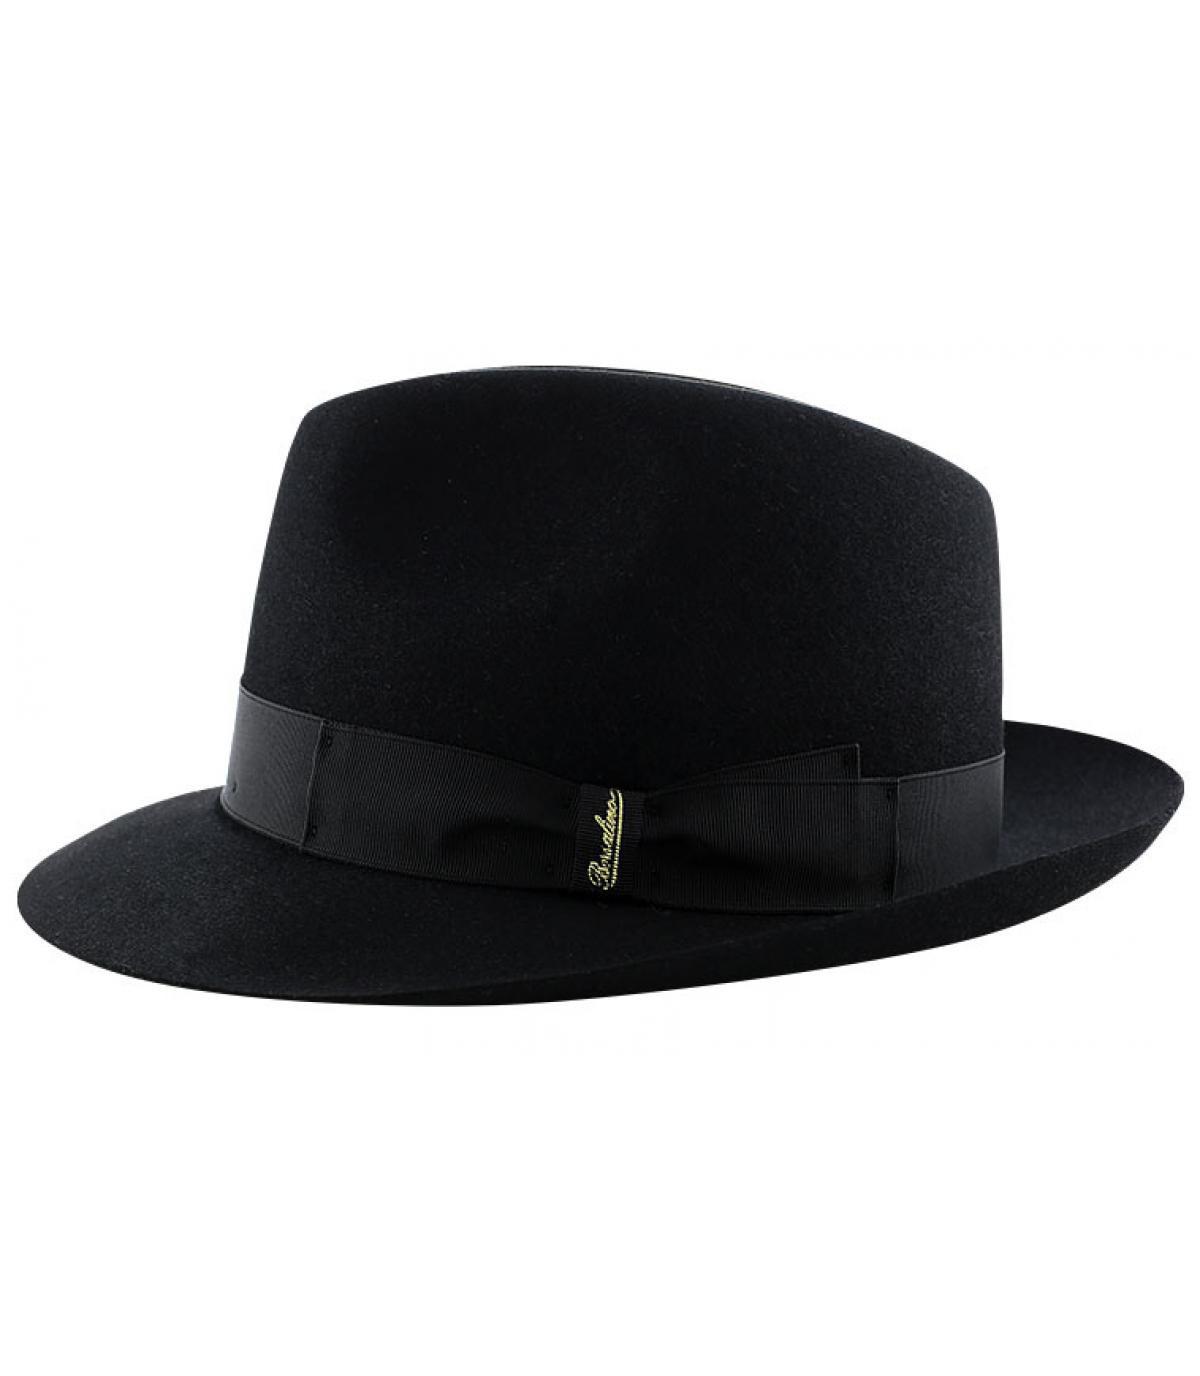 Détails Marengo black fur felt hat - image 4